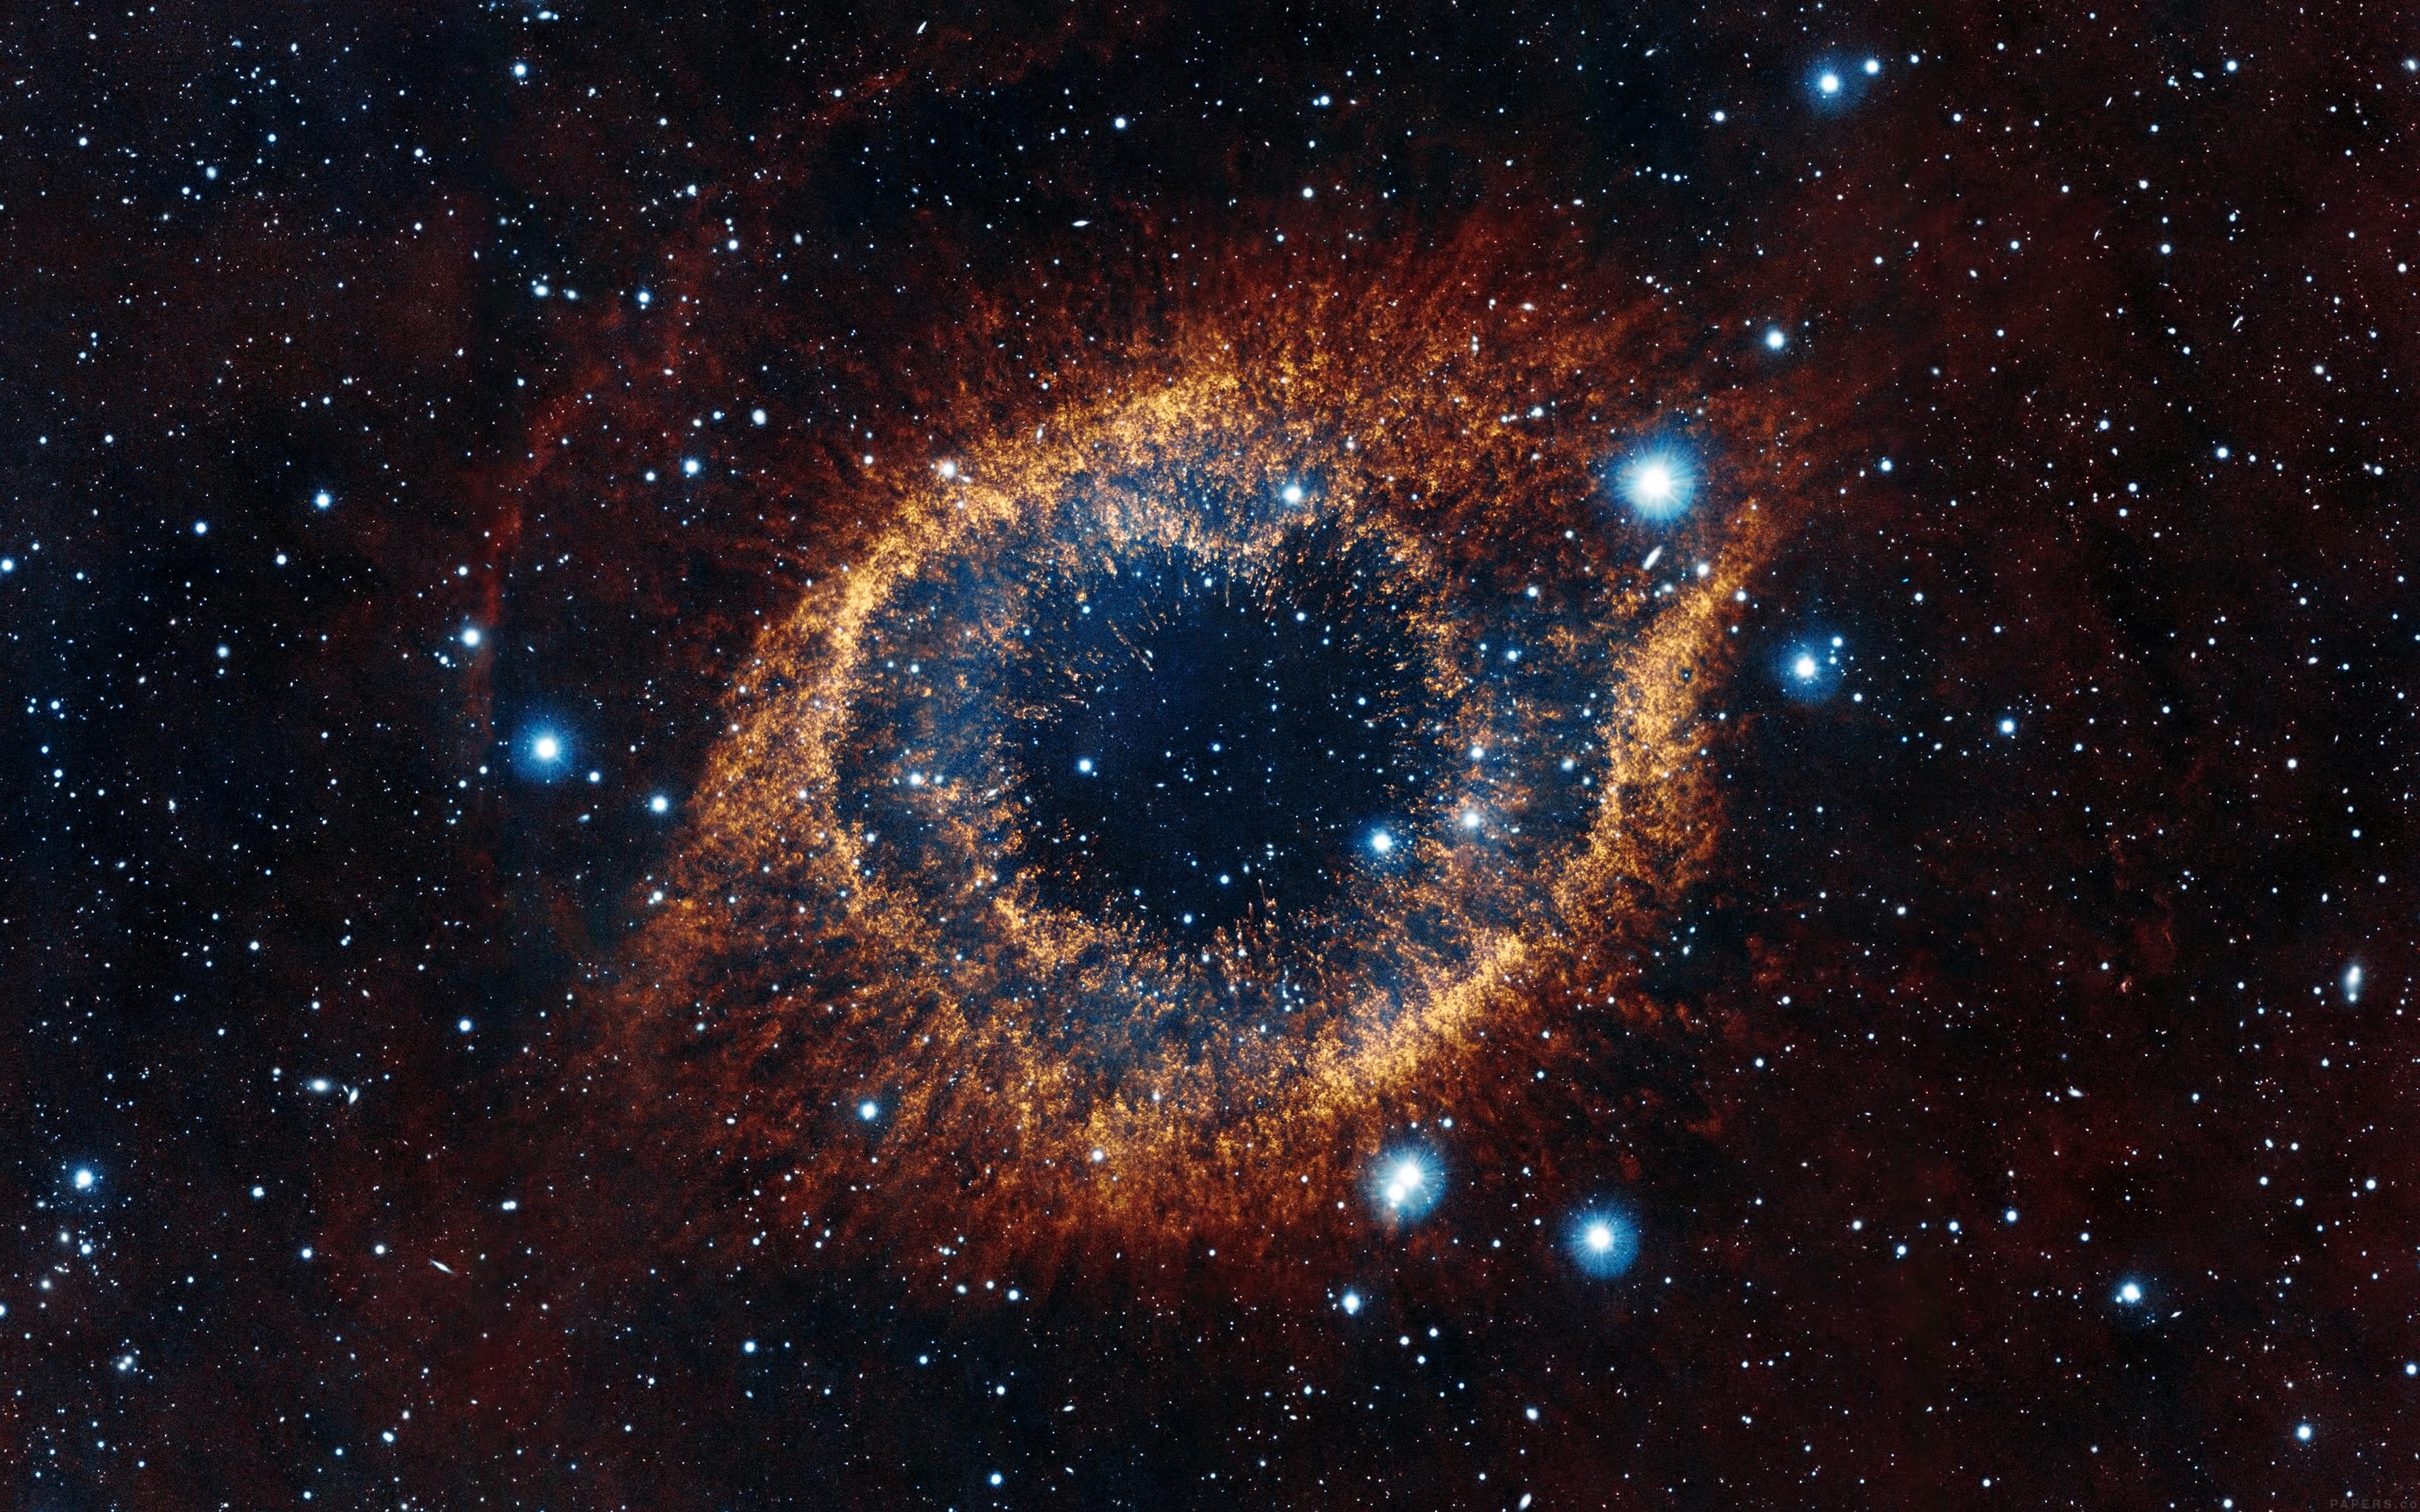 Galaxia estelar en Alta definicion